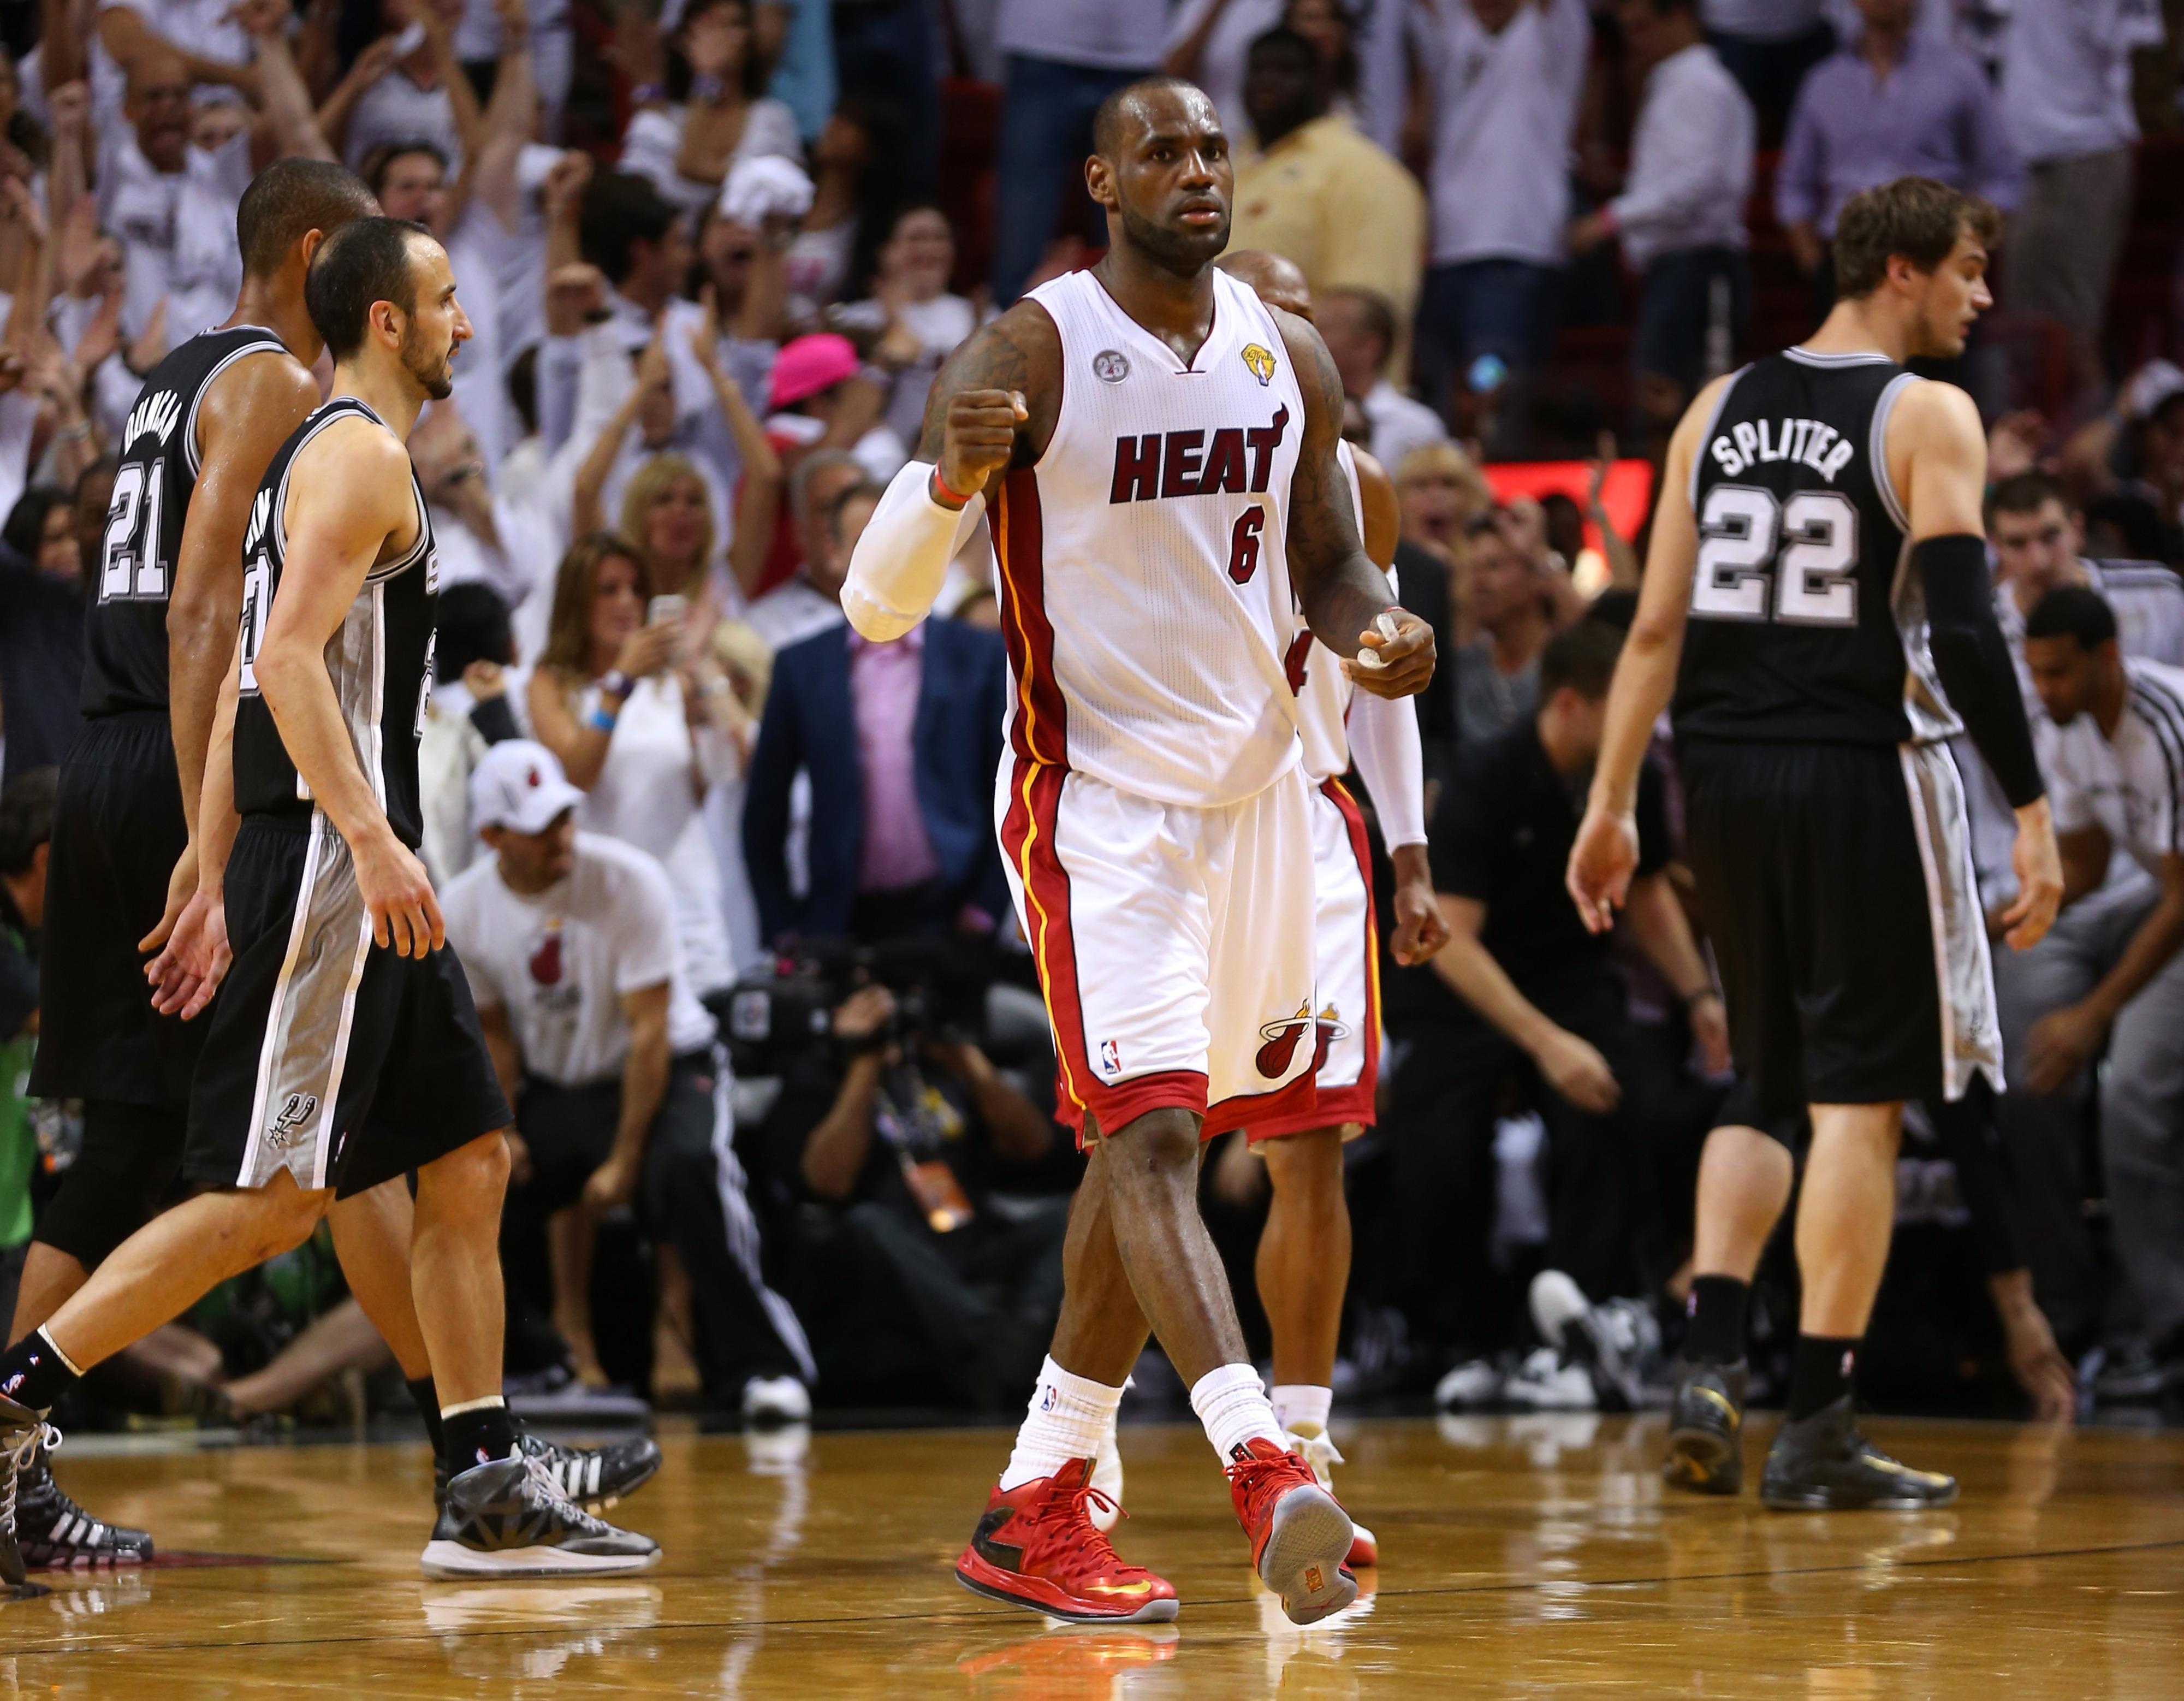 NBA Finals 2013: Comparing Miami's 3 Finals runs